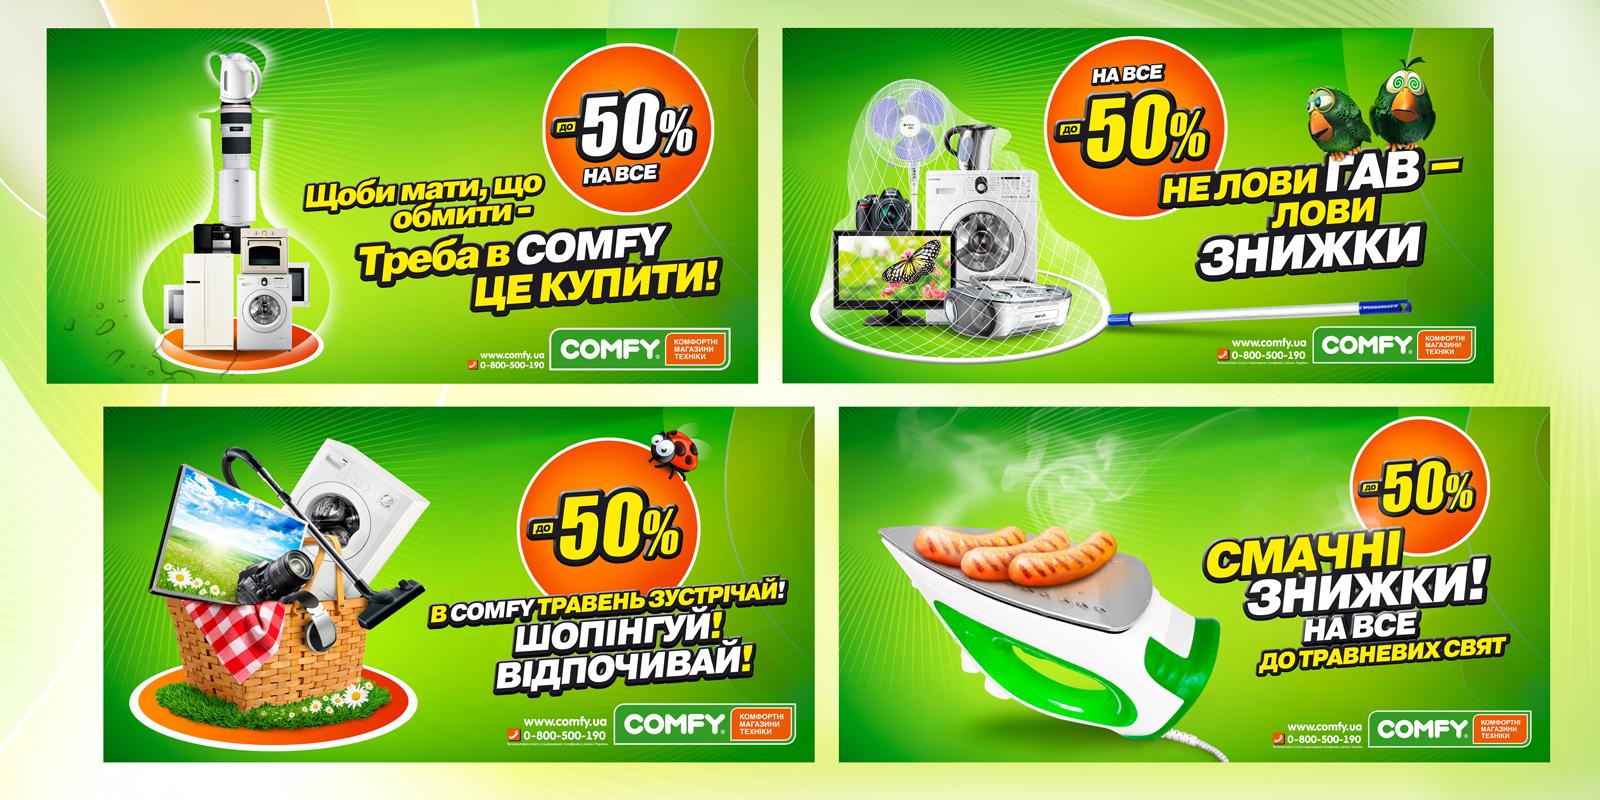 Comfy;;;;;;Разработка идеи рекламной кампании для торговой сети Comfy;;;;;;<span>Клиент:</span> Comfy;;;;;;;;;;;;Разработка идеи рекламной кампании для торговой сети Comfy;;;;;; 4 ;;;;;;